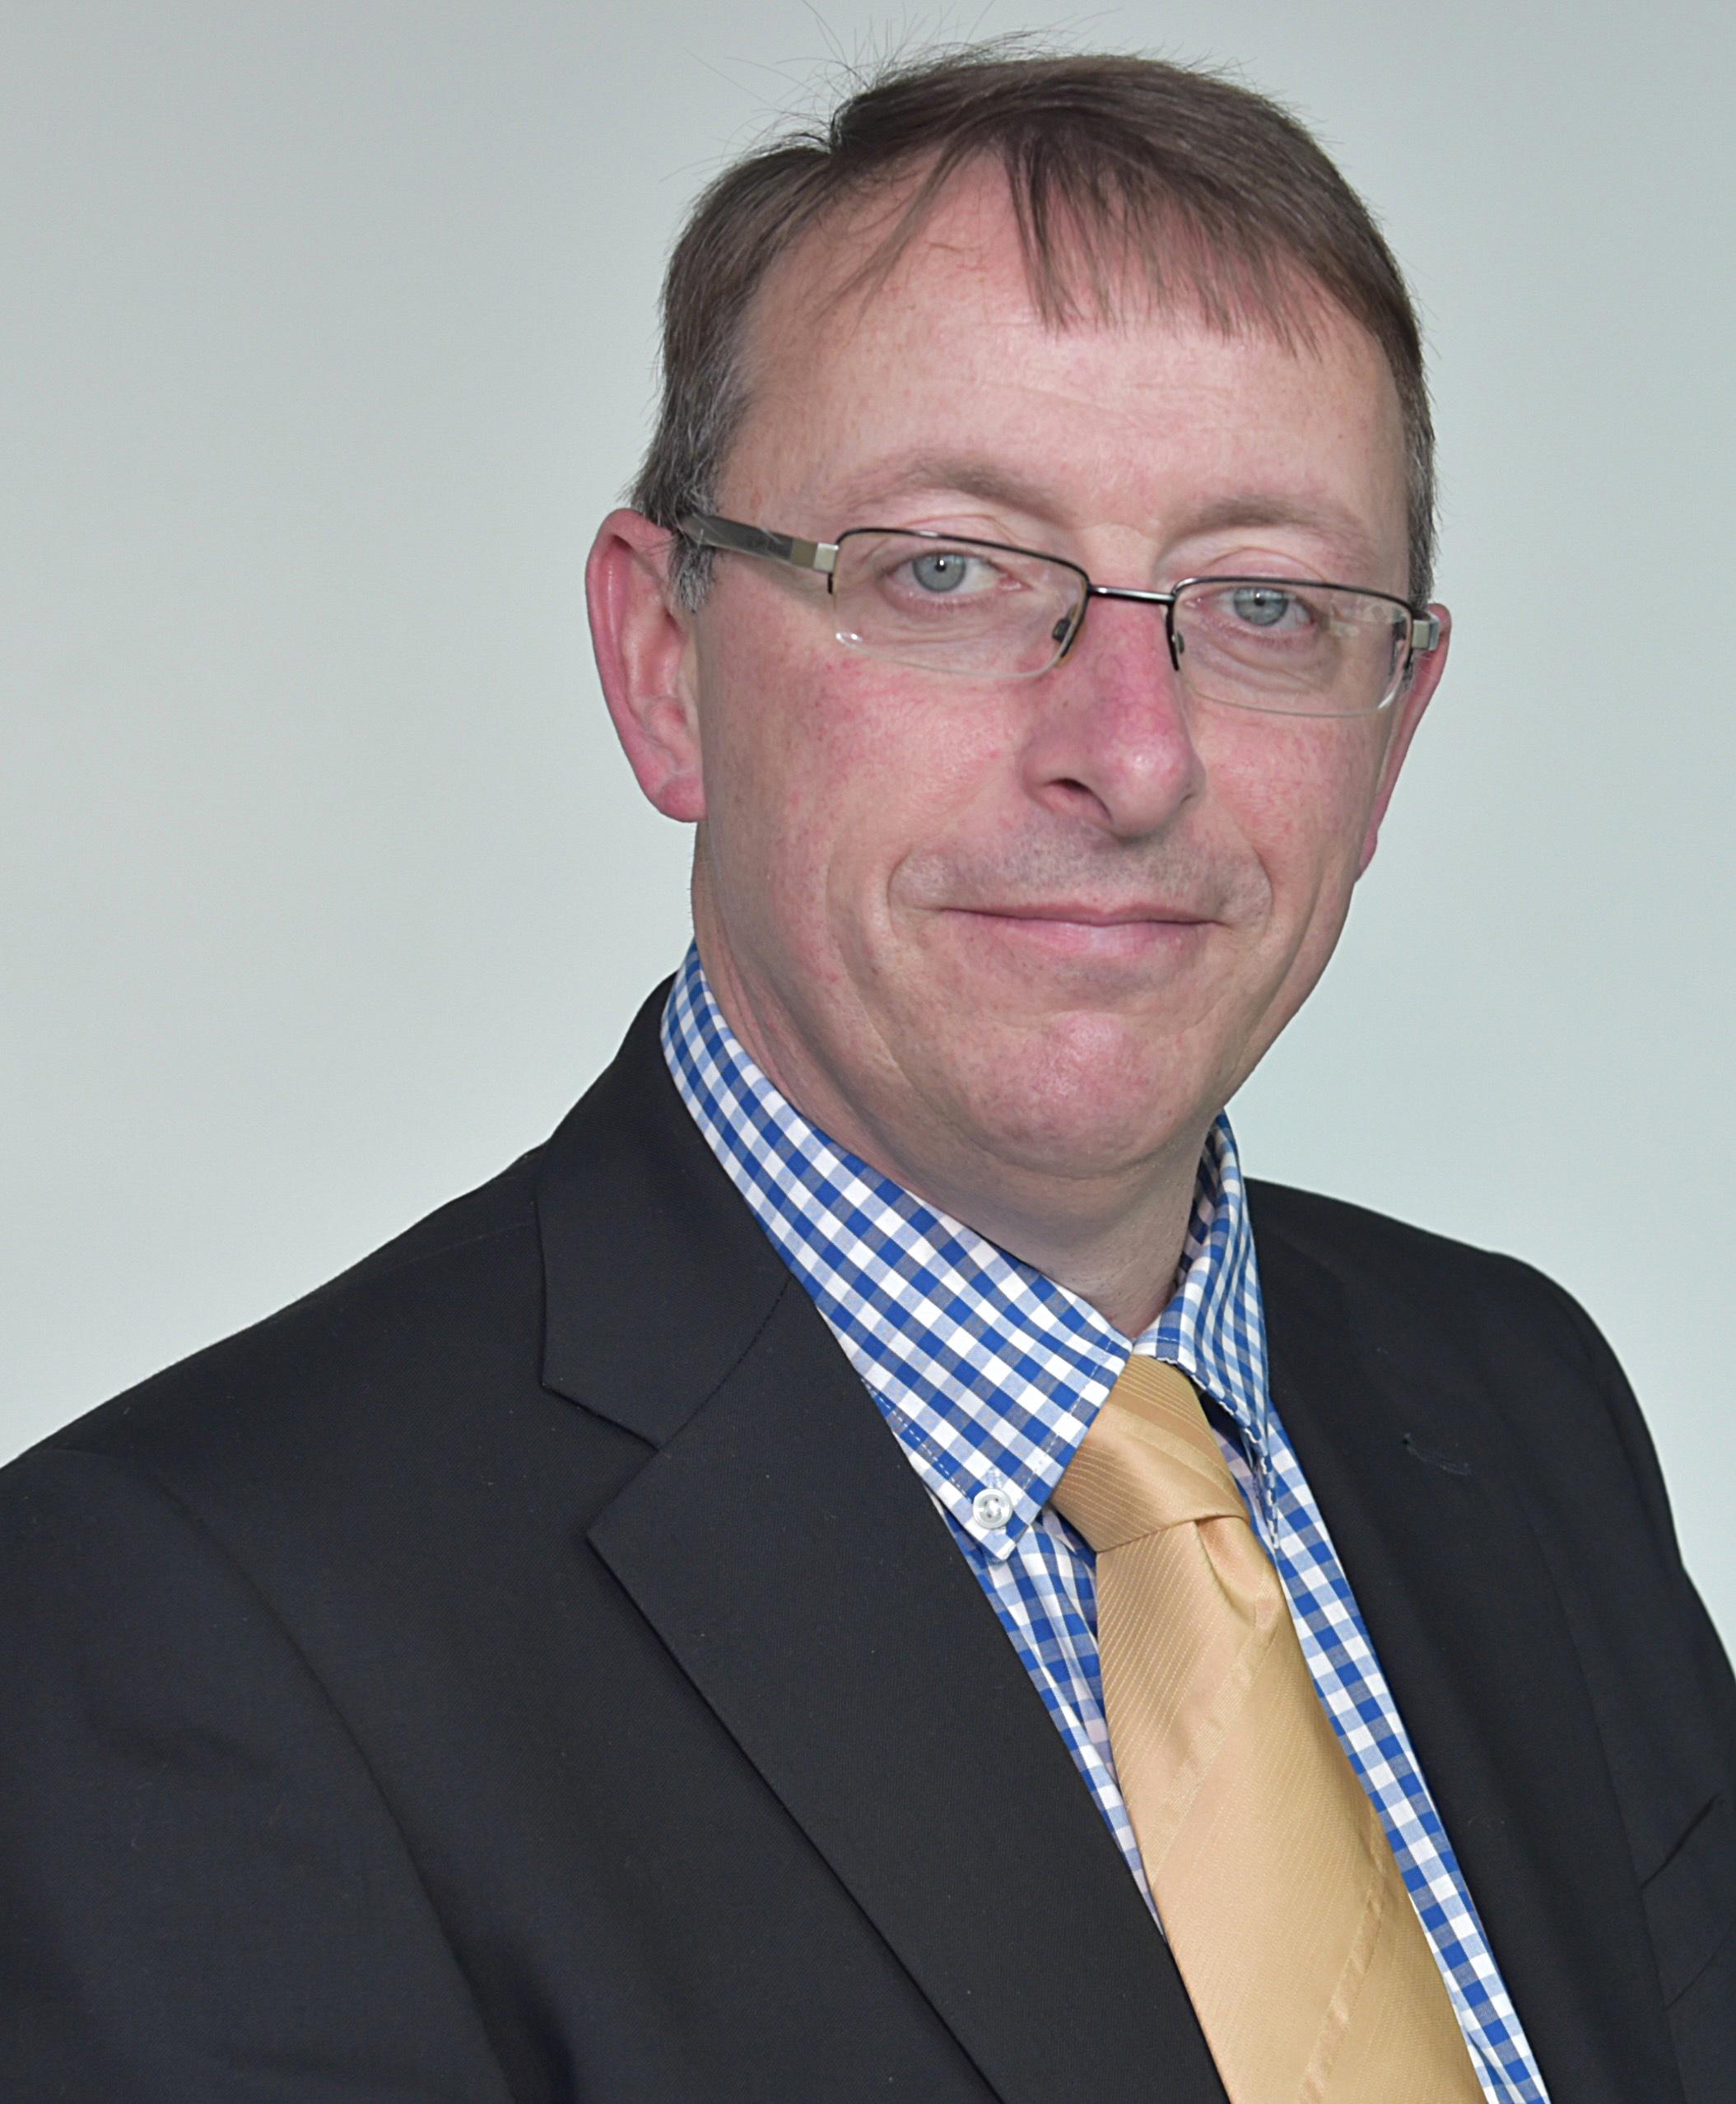 Dr. John Healy